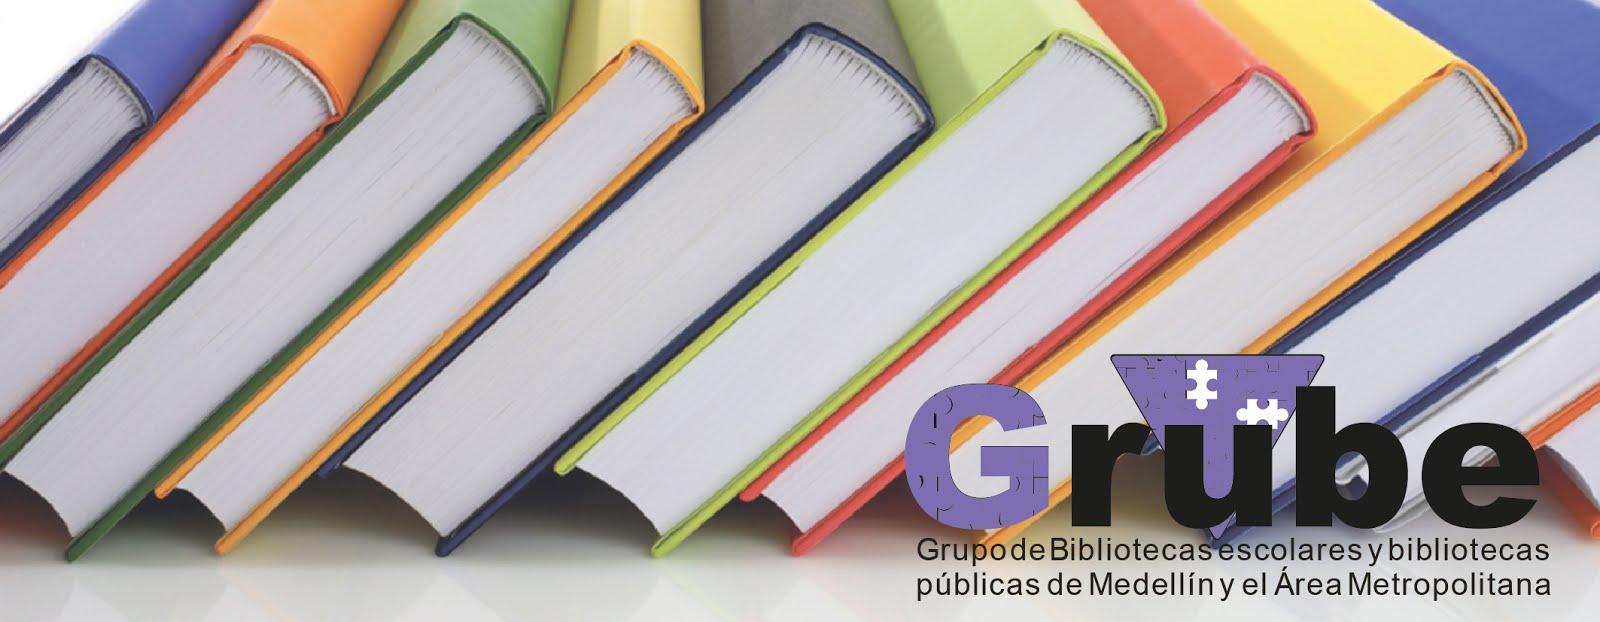 Grupo de Bibliotecas Escolares, Infantiles y Publico escolares de Medellín y el área metropolitana